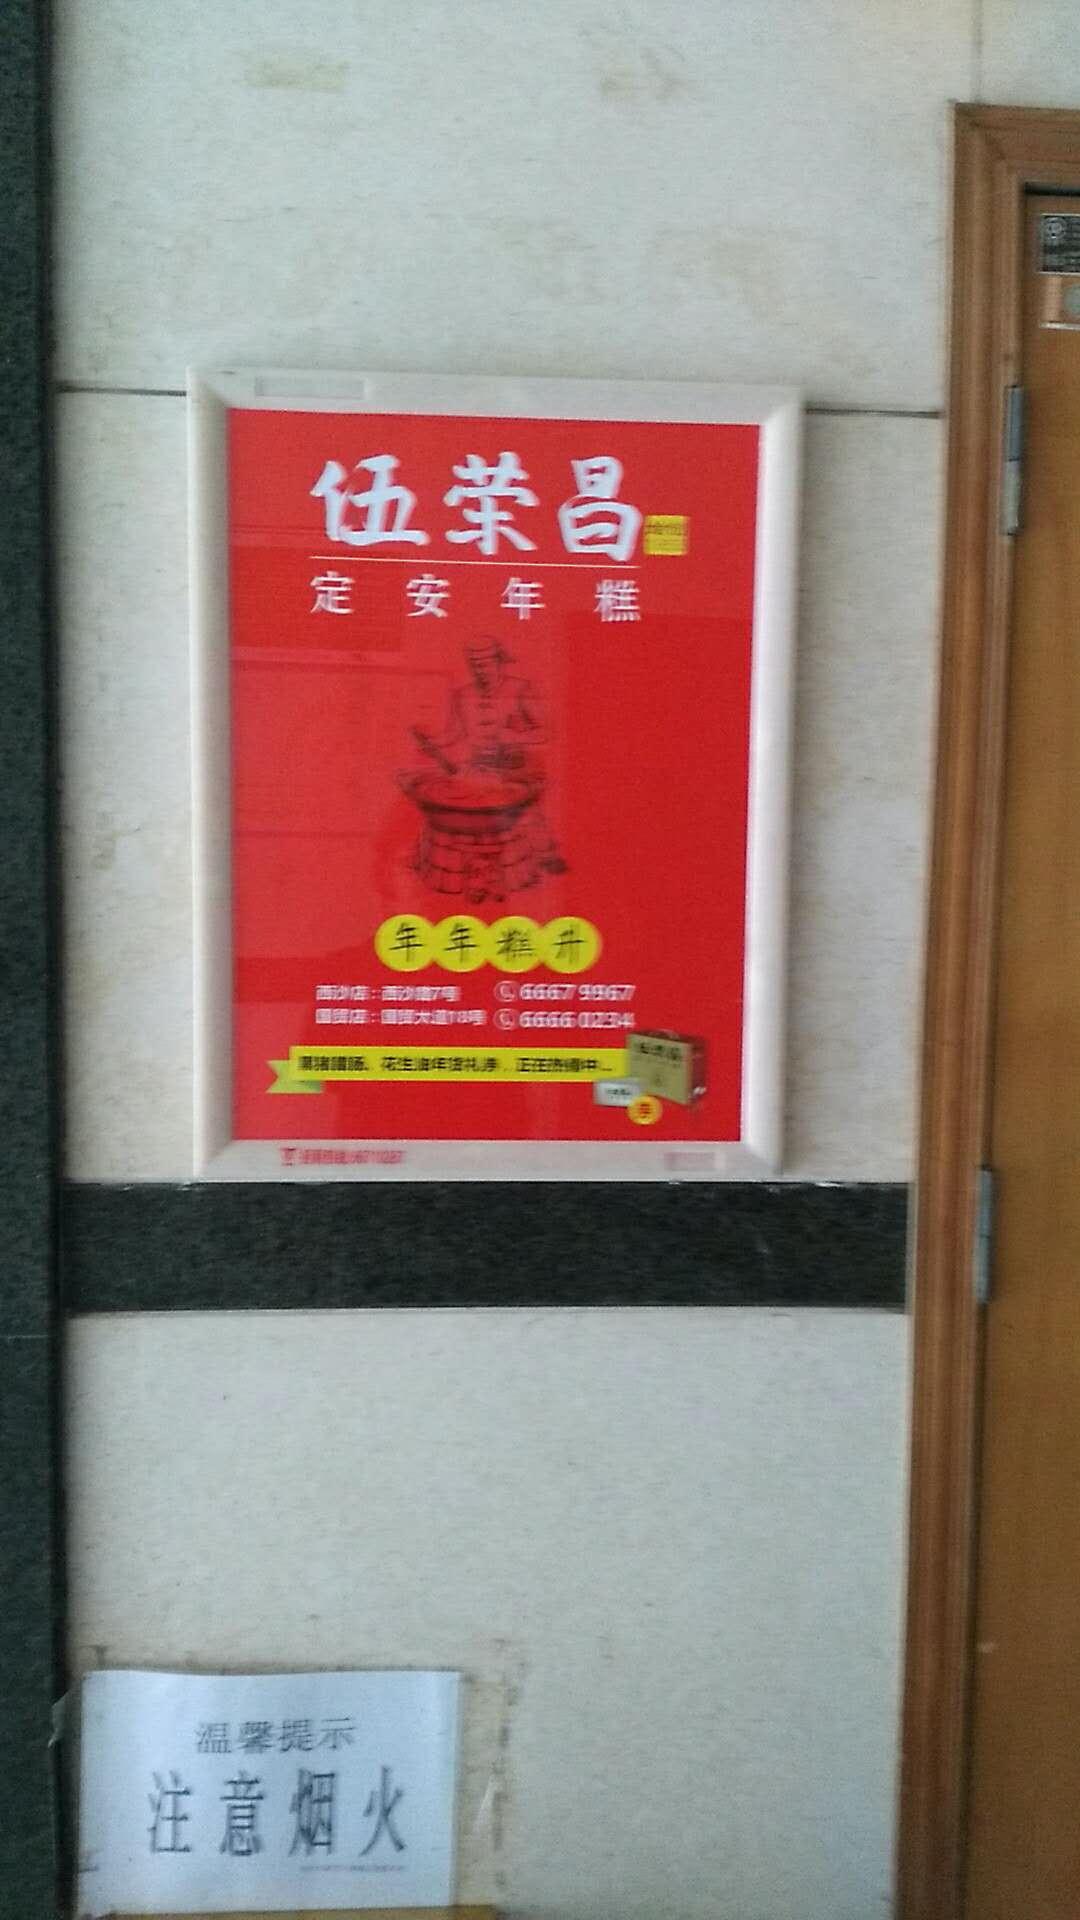 海南省海口市电梯广告